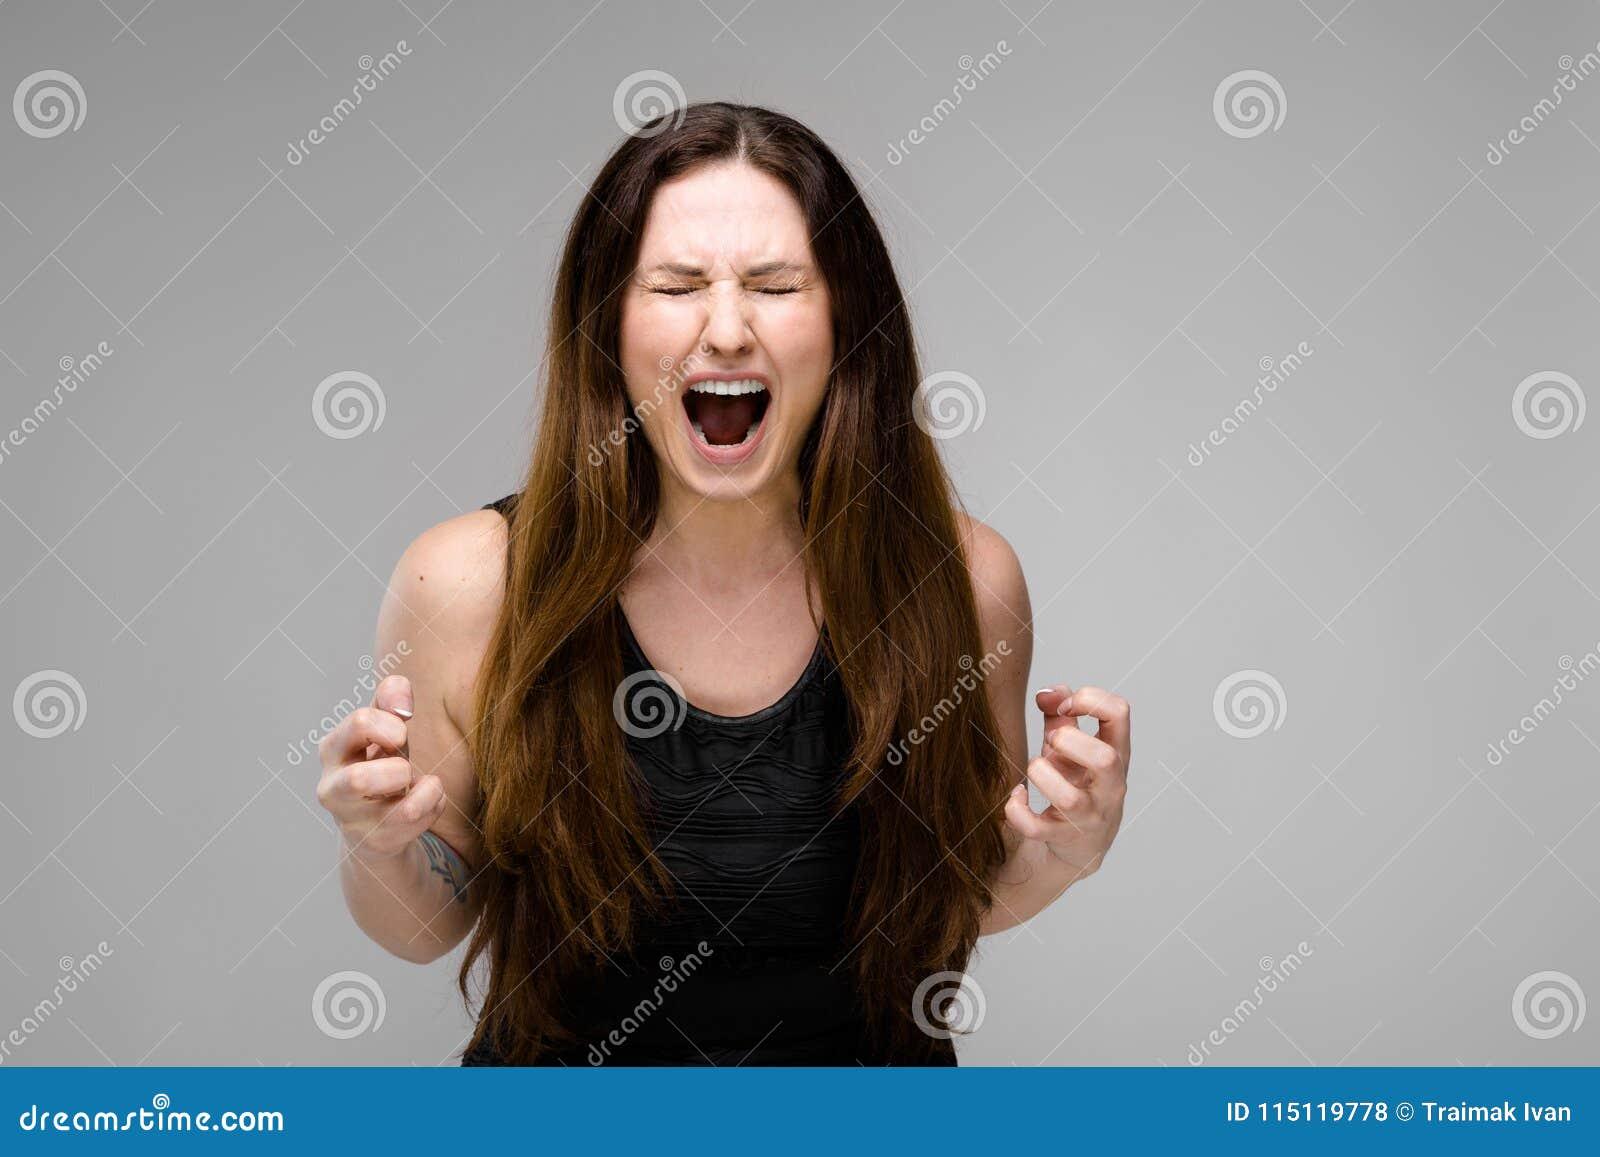 Emocional mais a posição modelo do tamanho no estúdio com a boca aberta que grita mostrando a raiva da agressão queira riscar